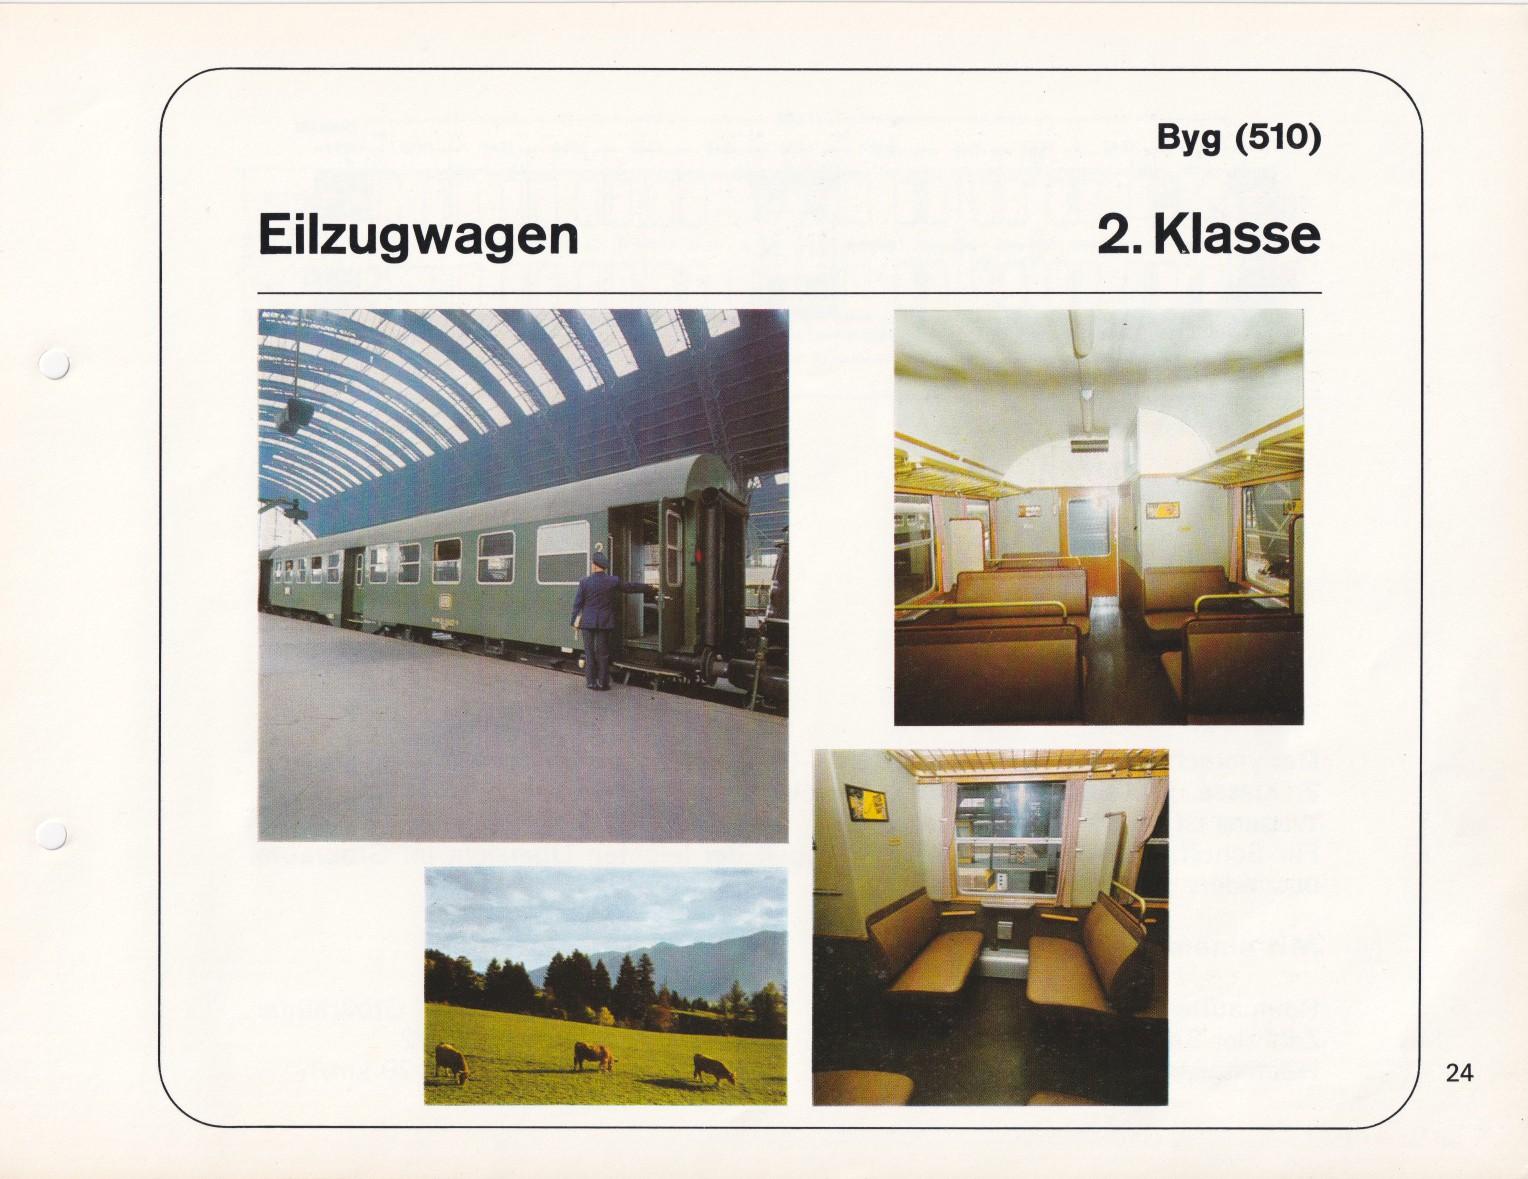 https://www.nullclub.de/hifo/Fahrzeuglexikon/Wagen24a.jpg